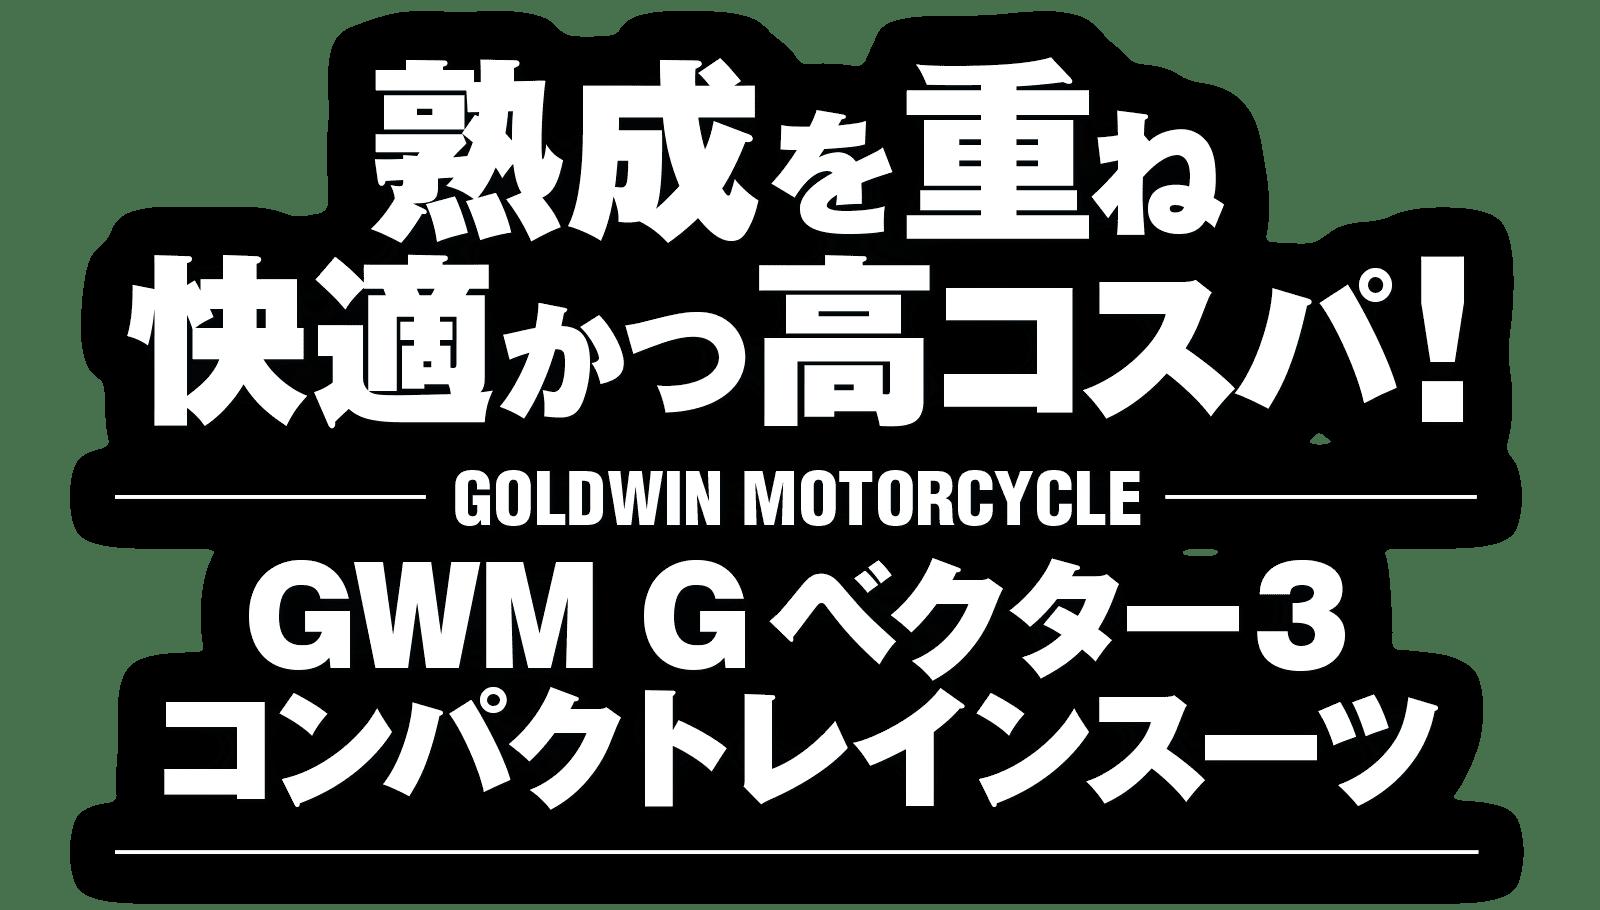 熟成を重ね快適かつ高コスパ! GWM Gベクター3 コンパクトレインスーツ